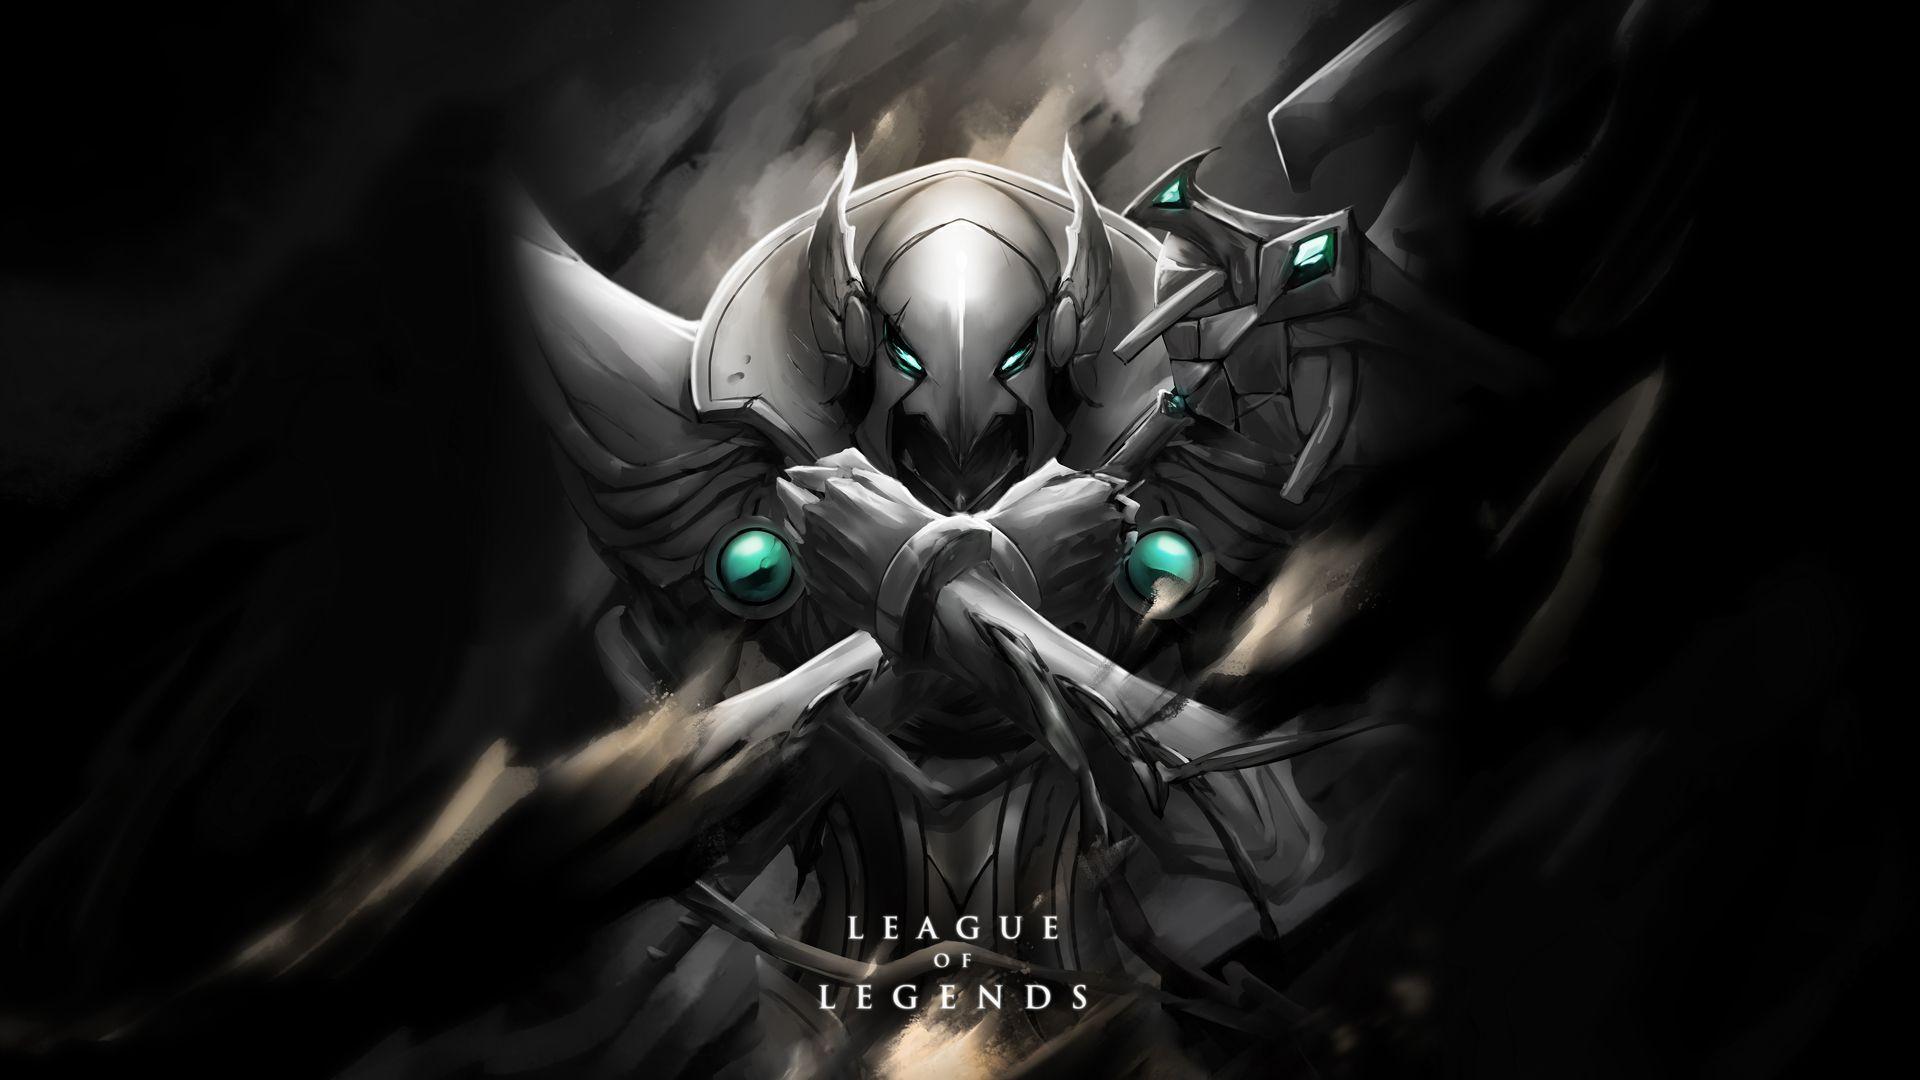 Azir Play League Of Legends League Of Legends League Of